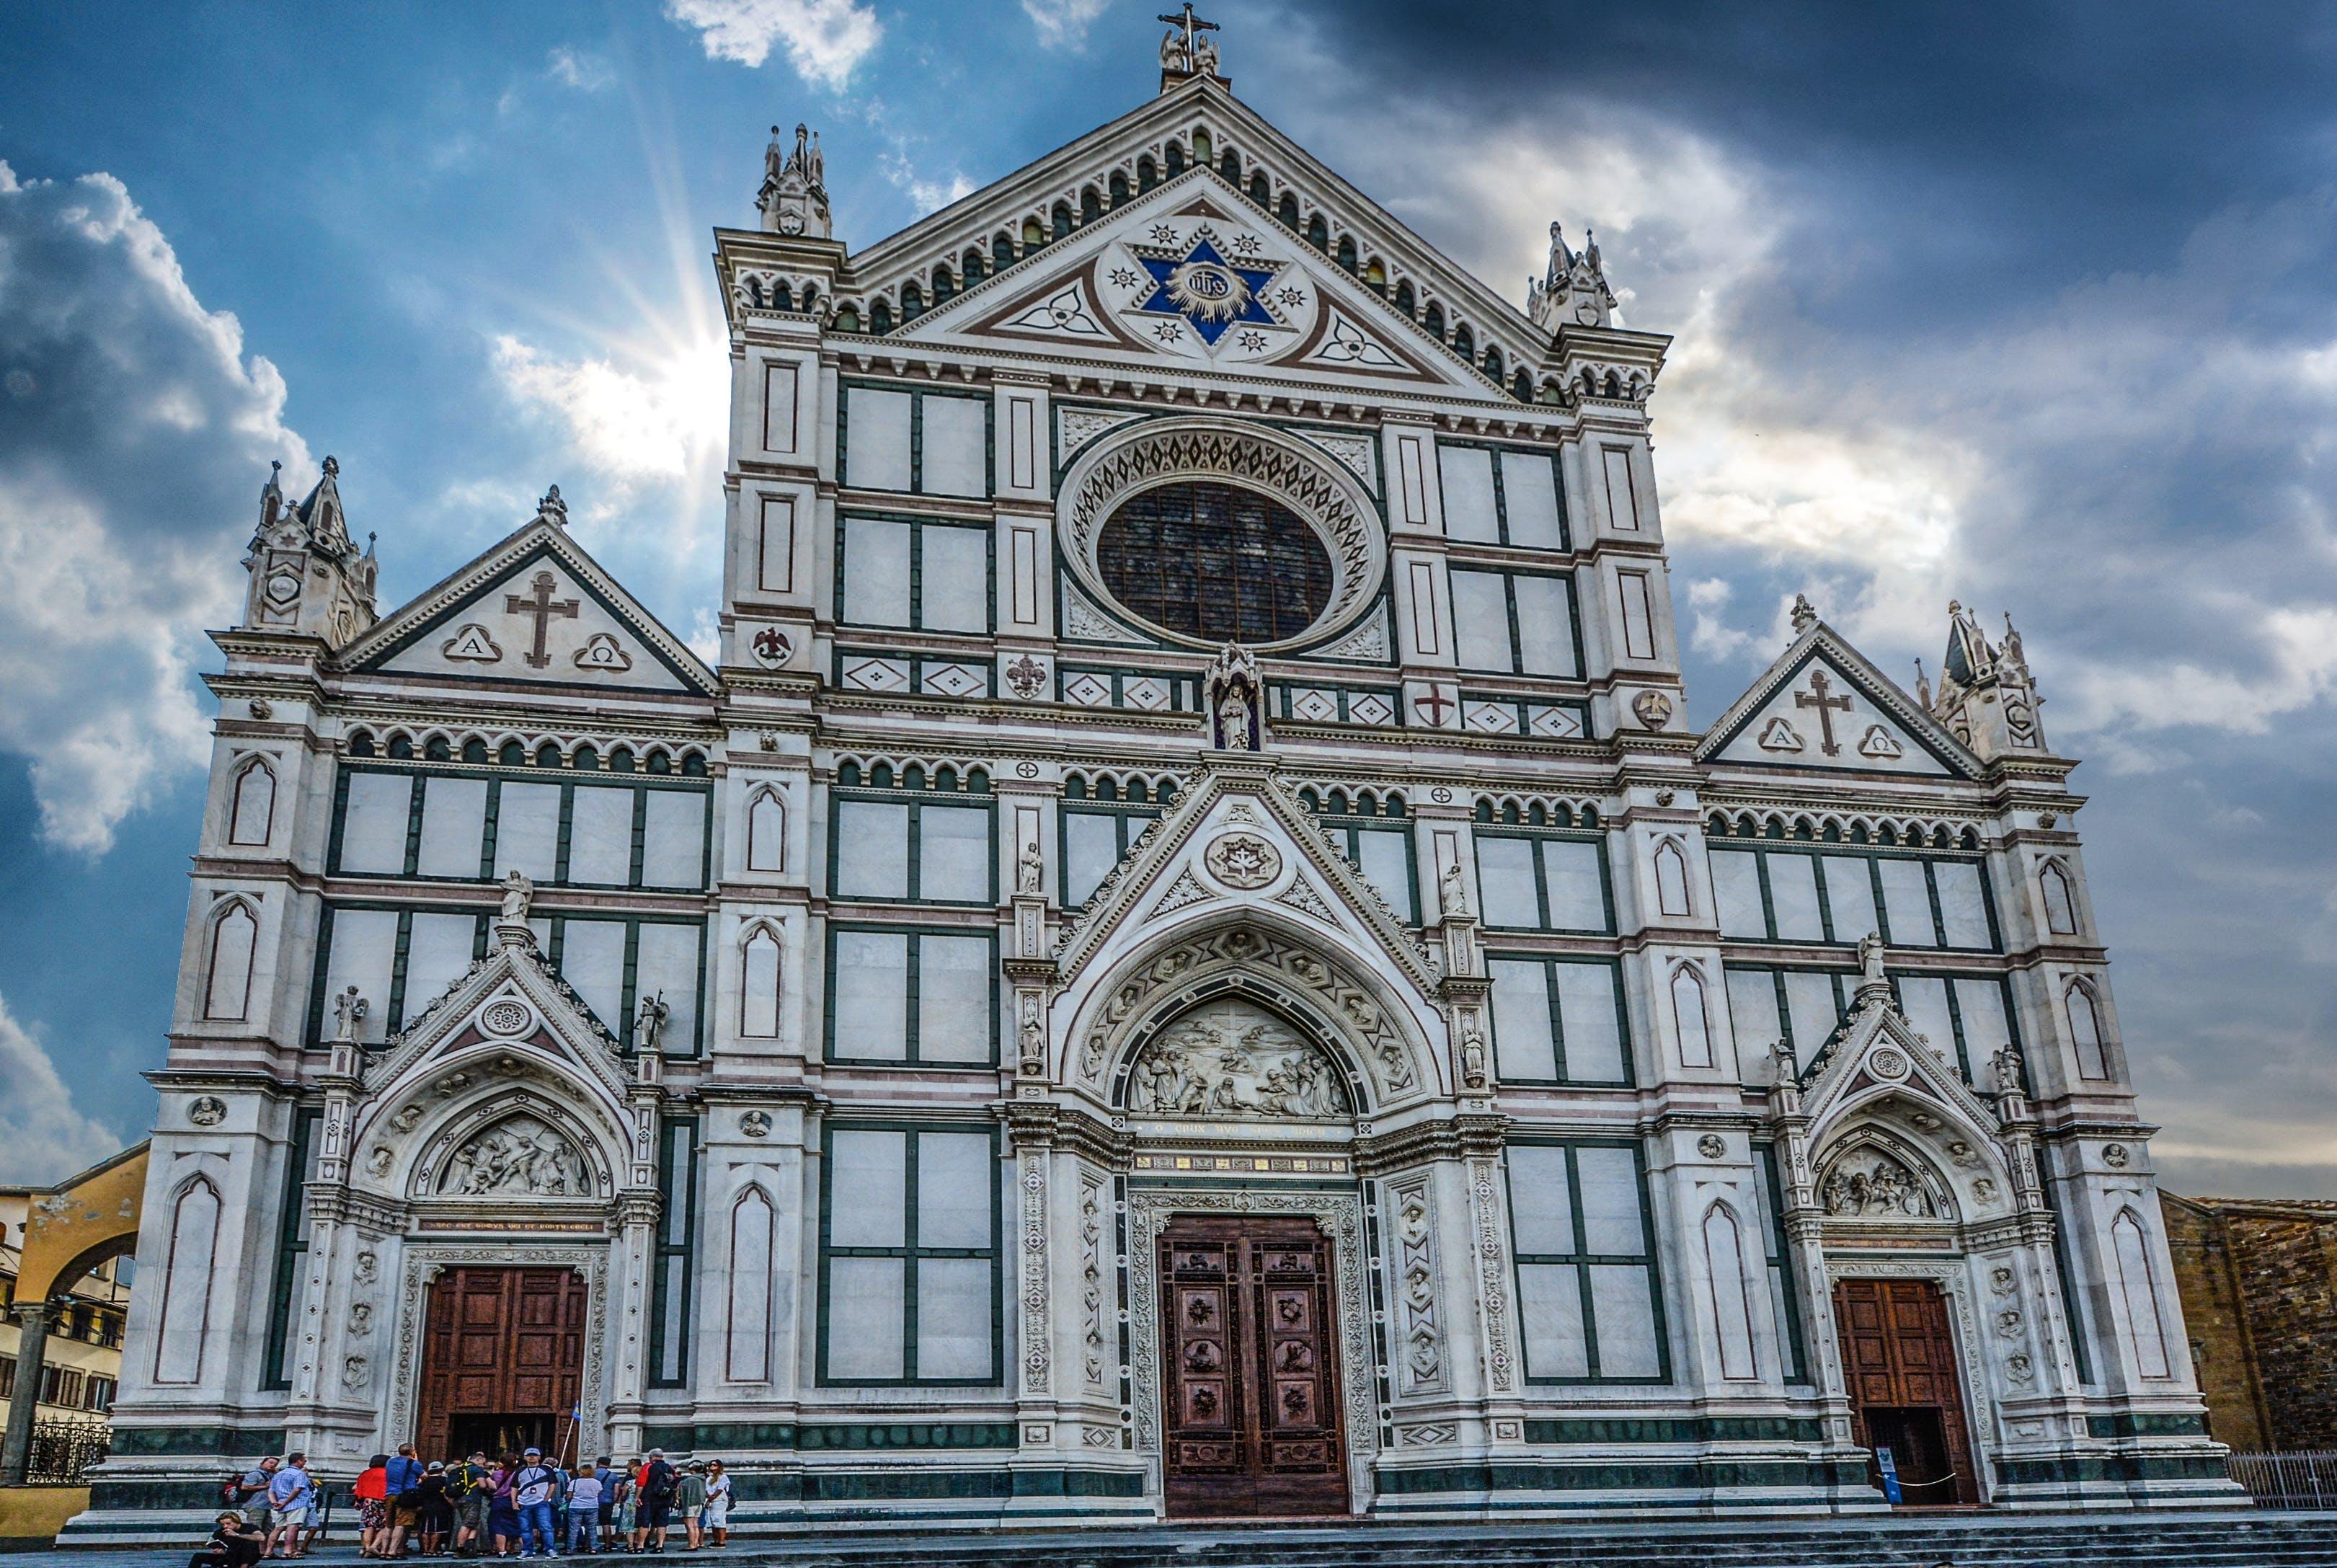 Ilmainen kuvapankkikuva tunnisteilla arkkitehtuuri, ihmiset, katedraali, kirkko